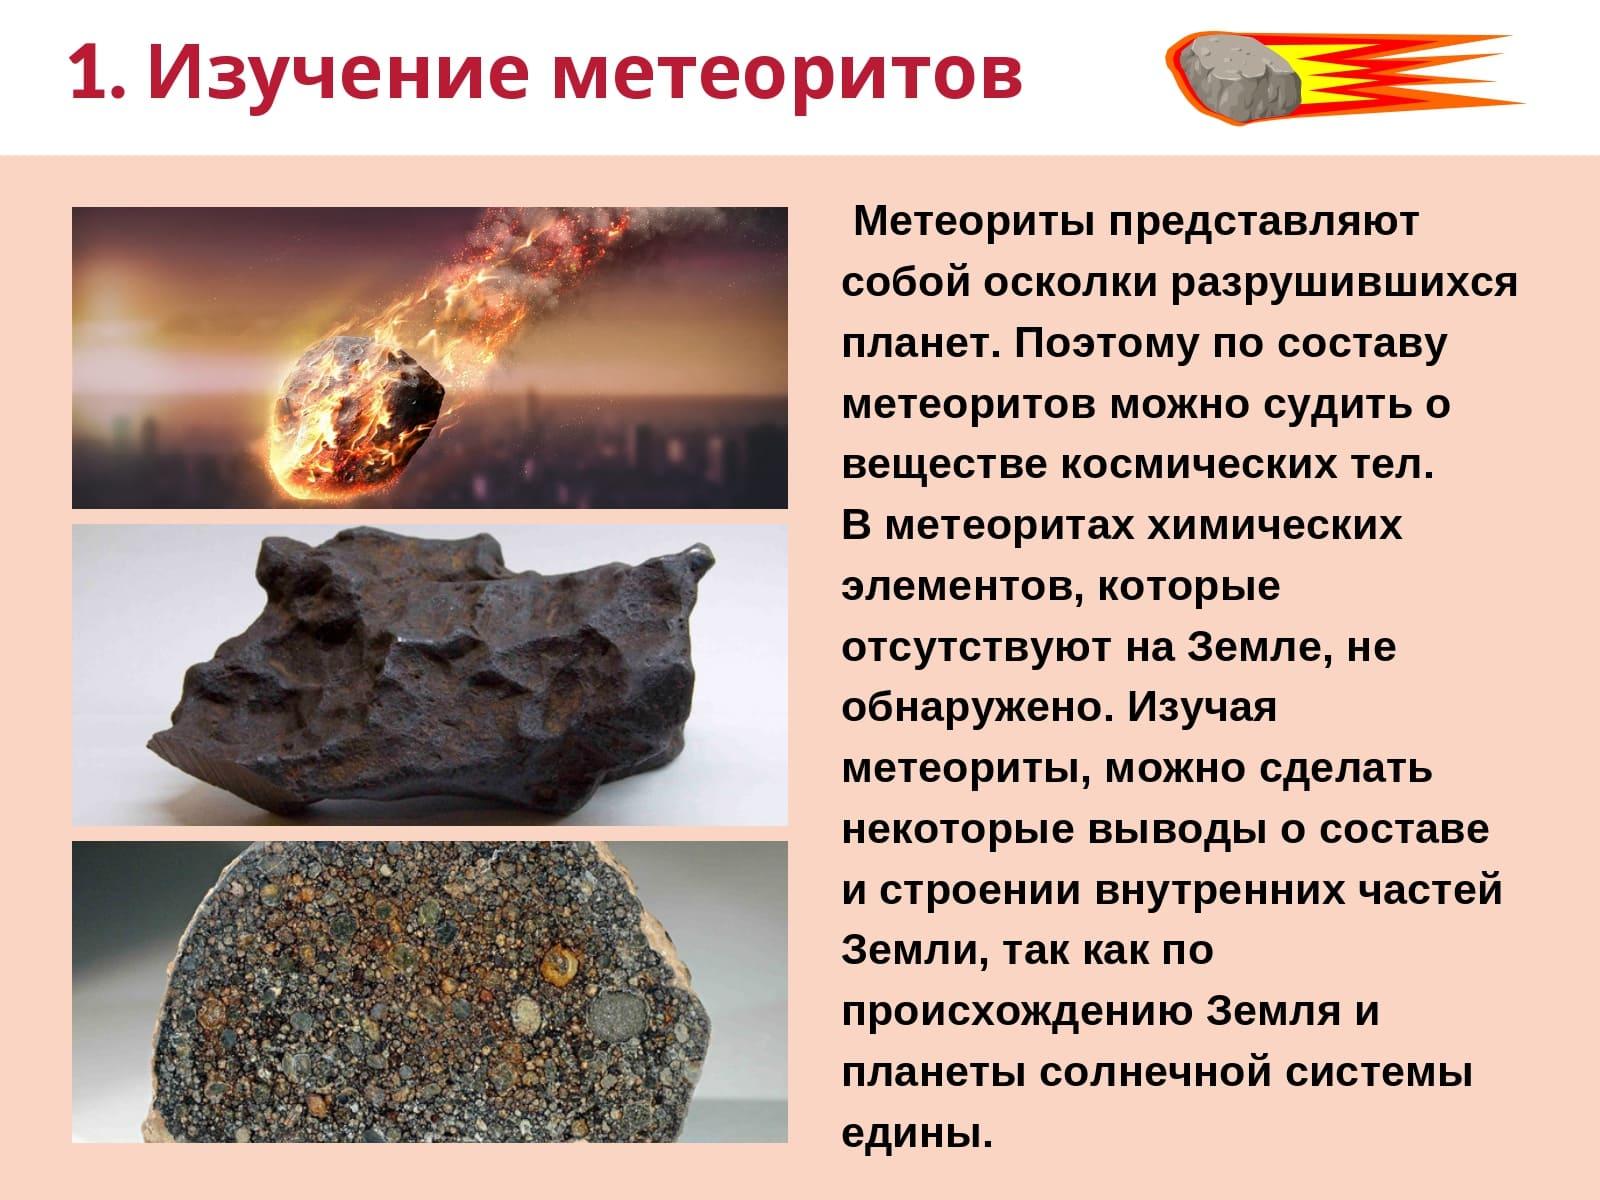 изучение метеоритов